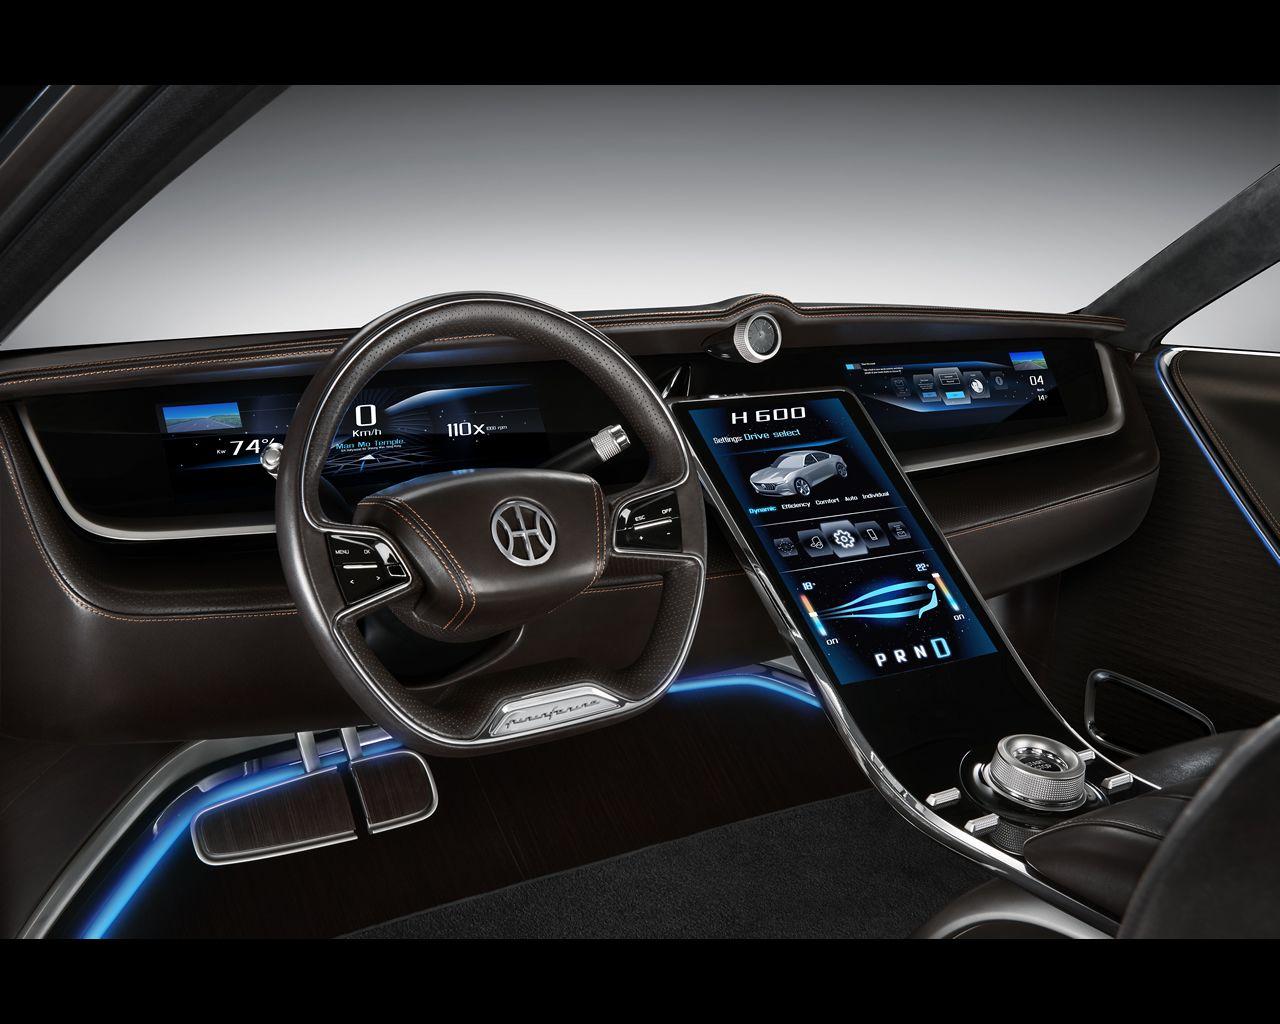 Hybrid H600 extensor de alcance eléctrico Sedan